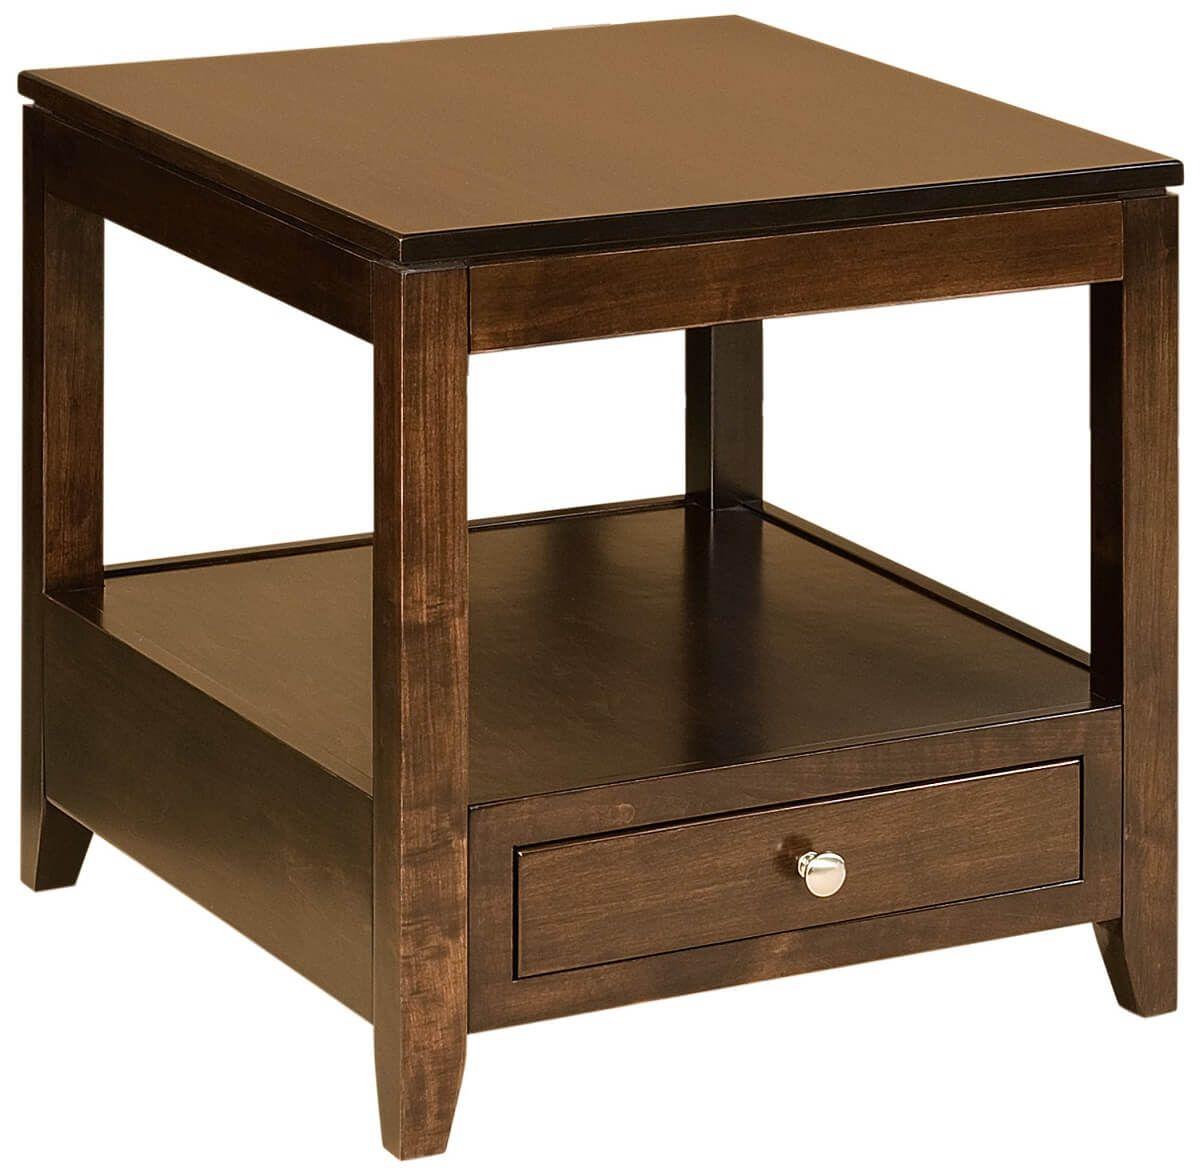 Lintel End Table